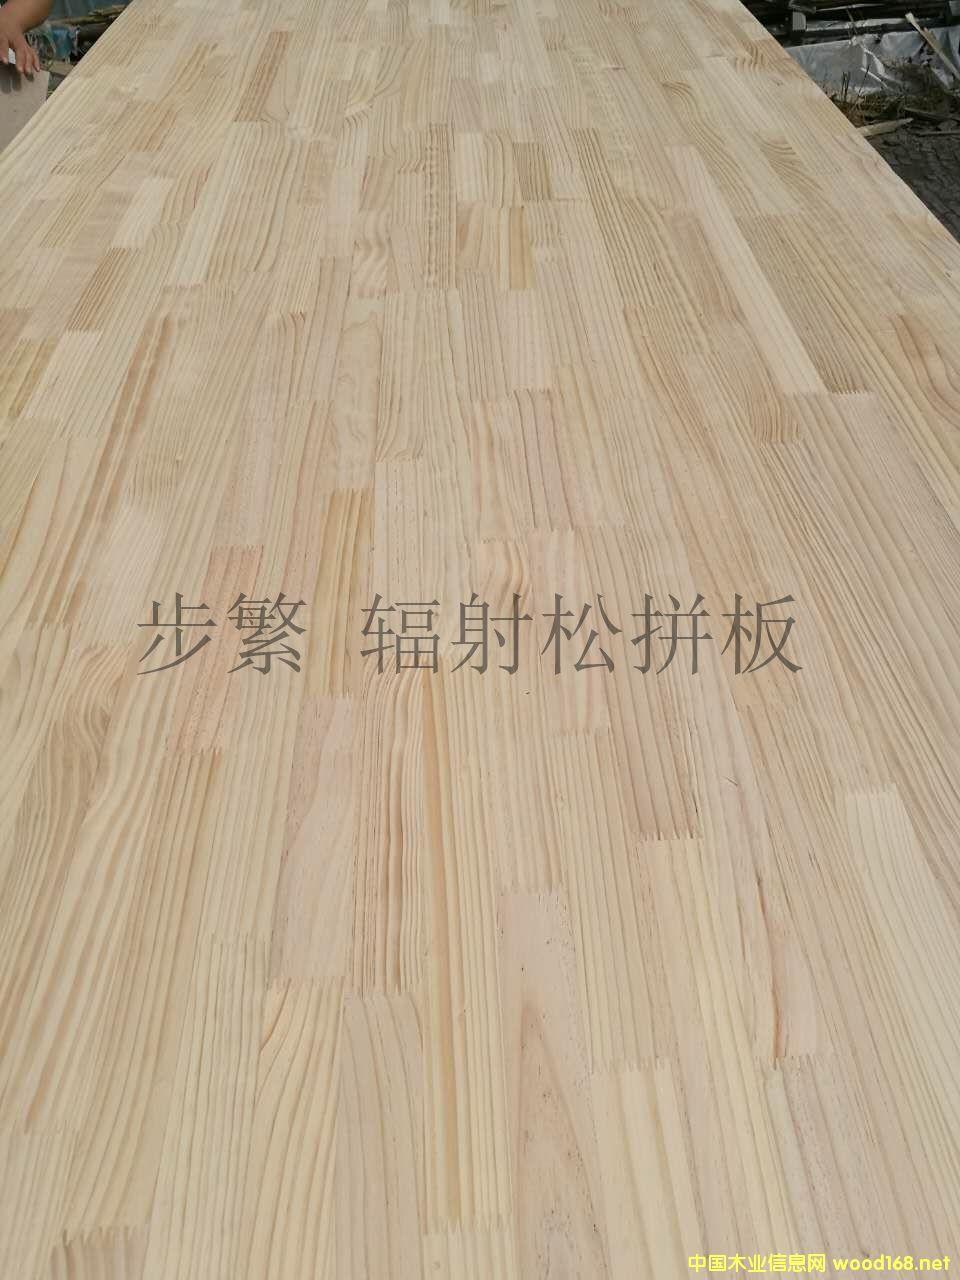 热销松木指接板 新西兰辐射松拼板 松木家具板